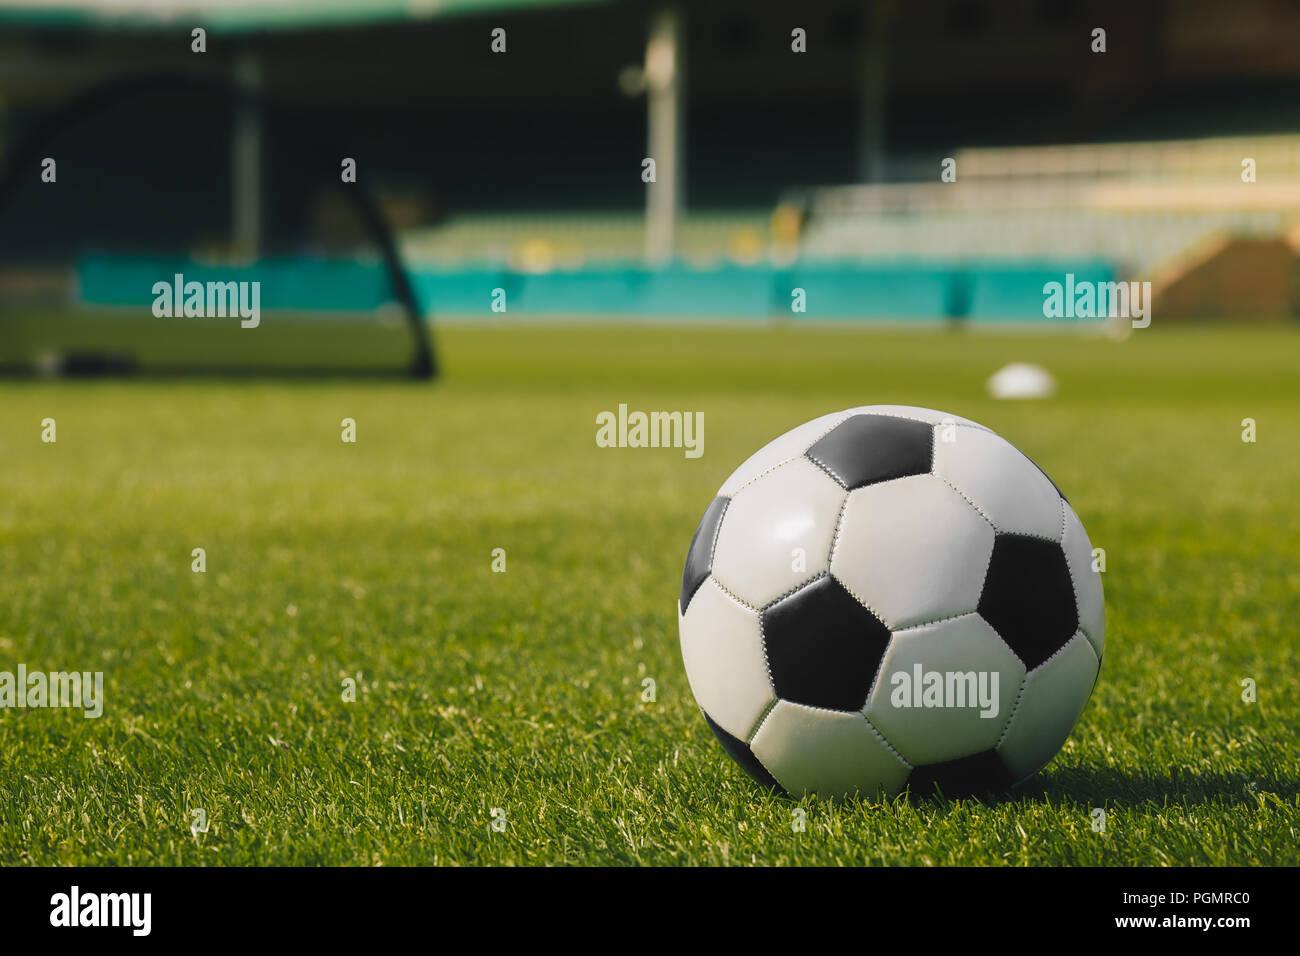 Fussball Auf Grunem Gras Mit Stadion Hintergrund Fussball